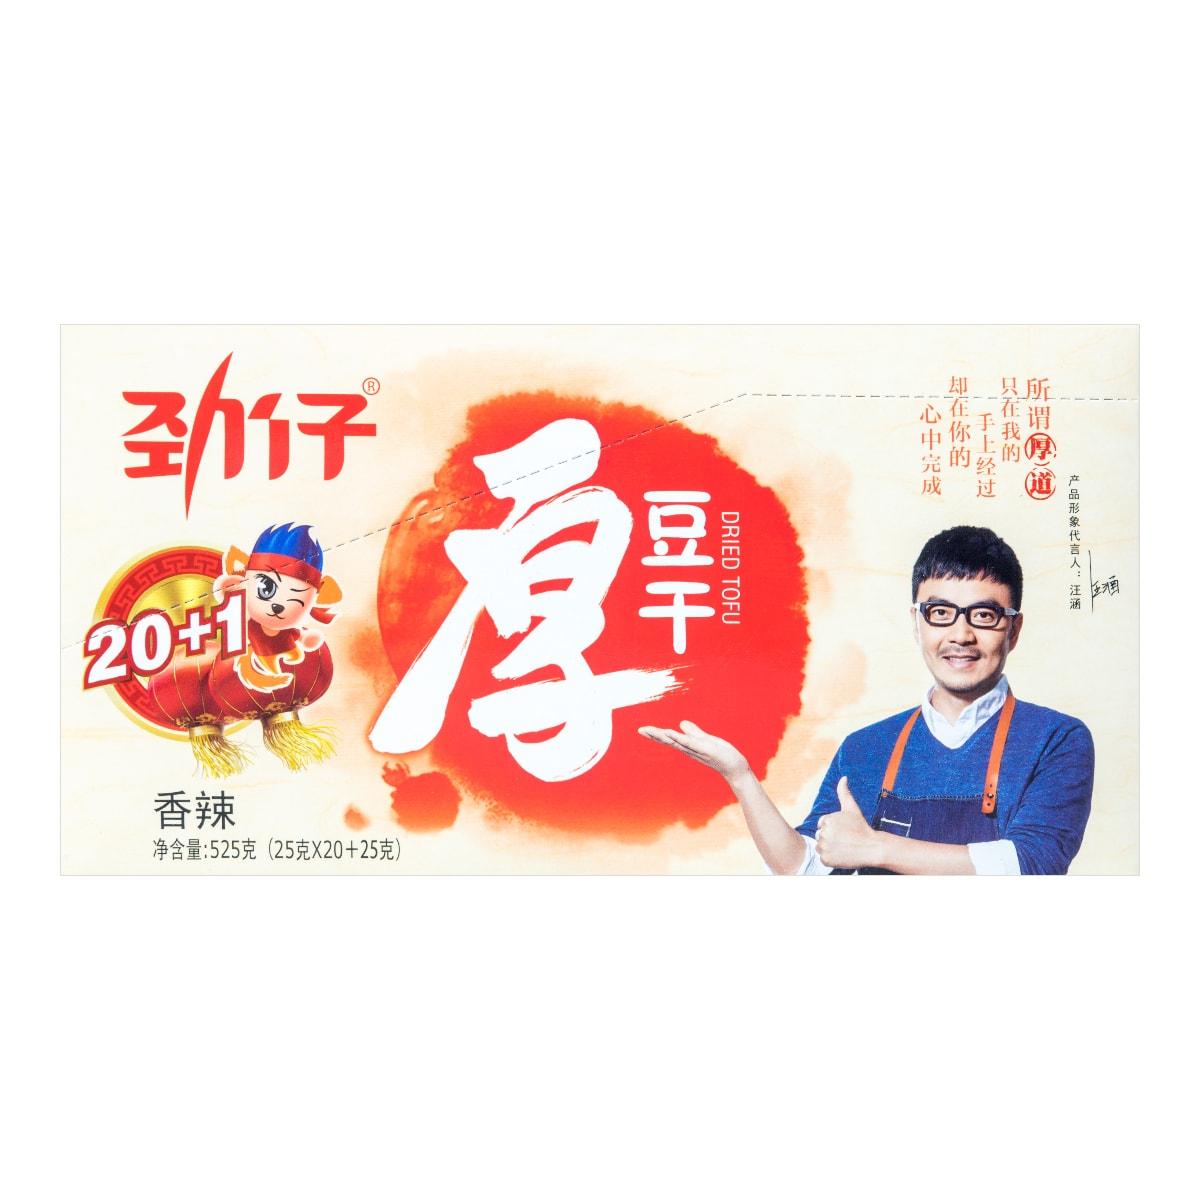 华文食品 劲仔厚豆干 香辣味 21包入 525g 湖南特产 汪涵代言